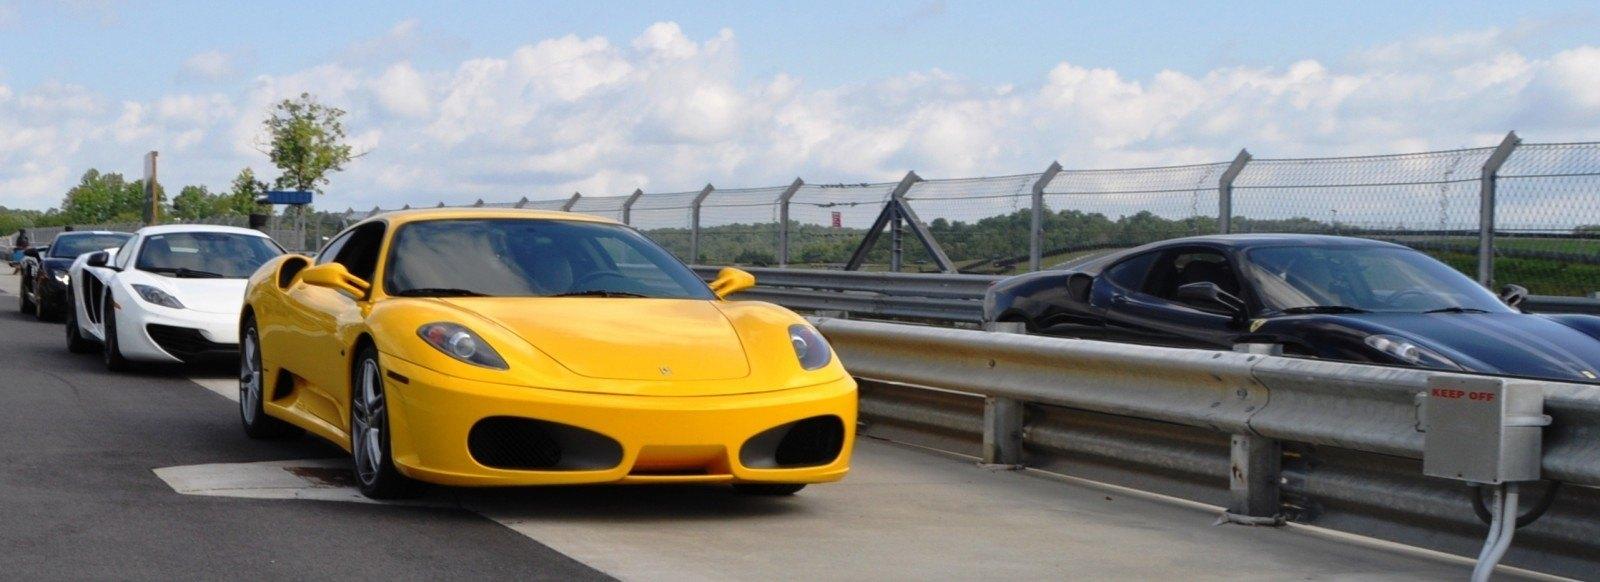 Beating the Supercar Paradox - 2007 Ferrari F430 at Velocity Motorsports Supercar Track Drive 14